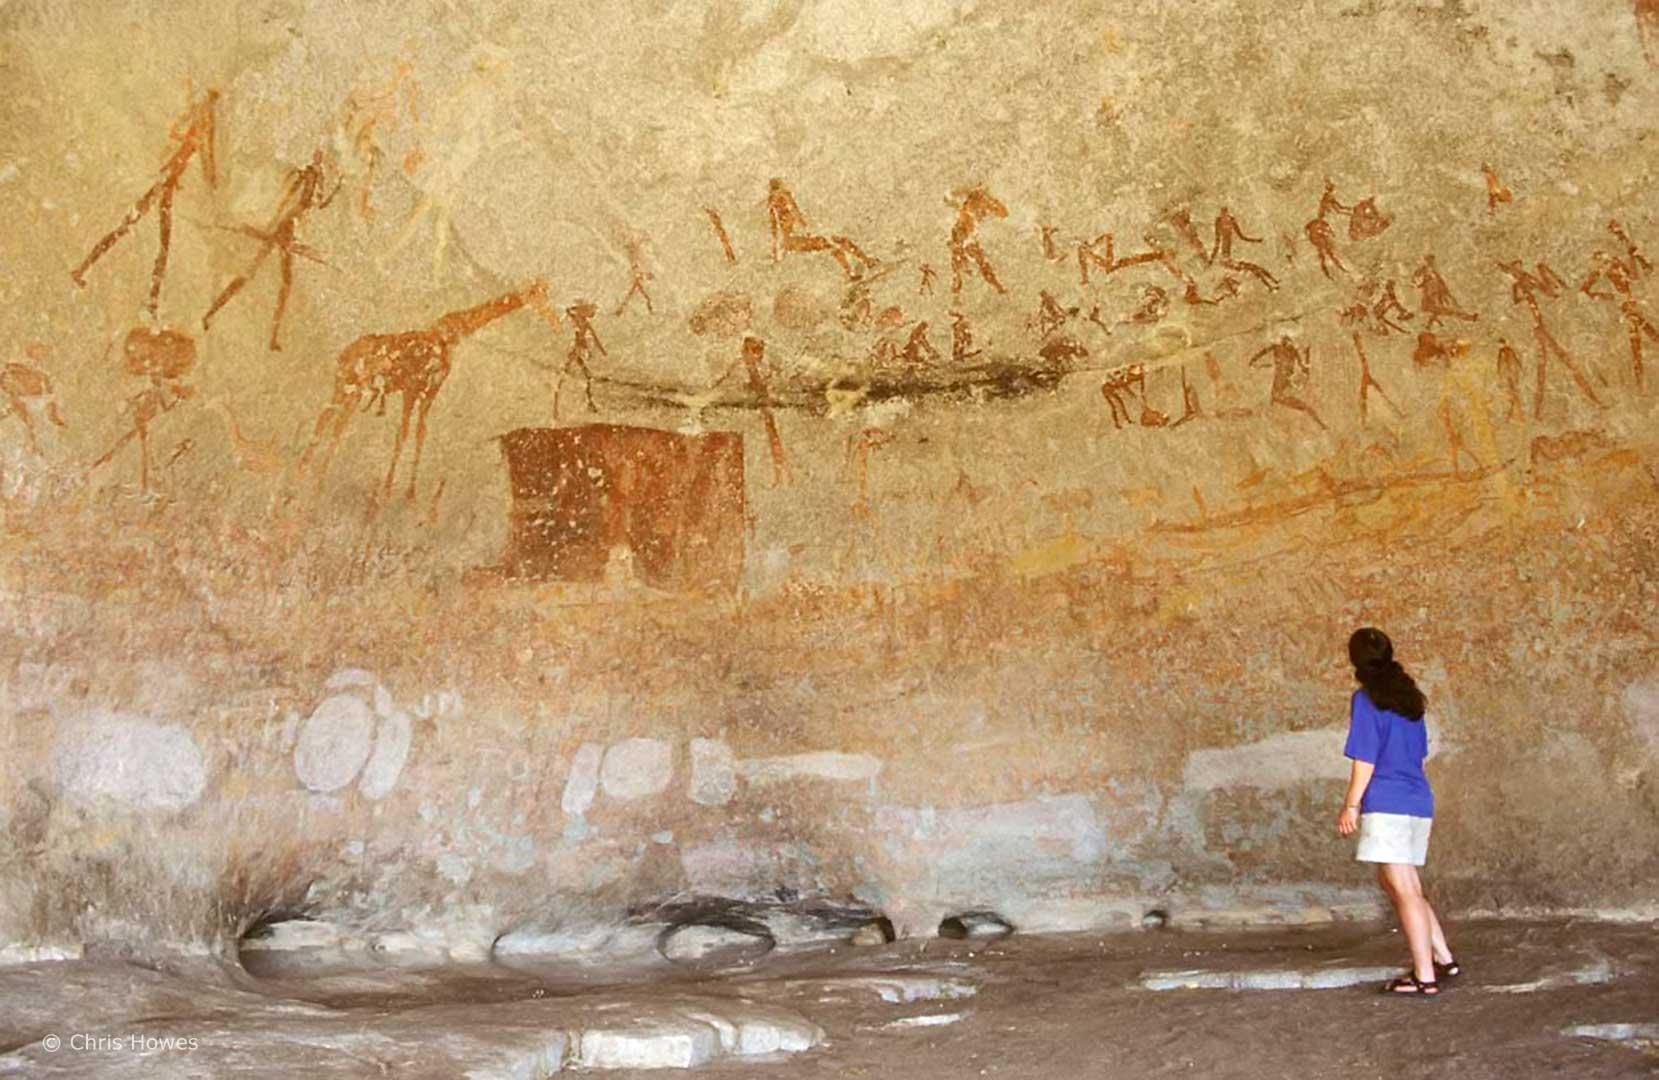 Silozwane Cave, Zimbabwe